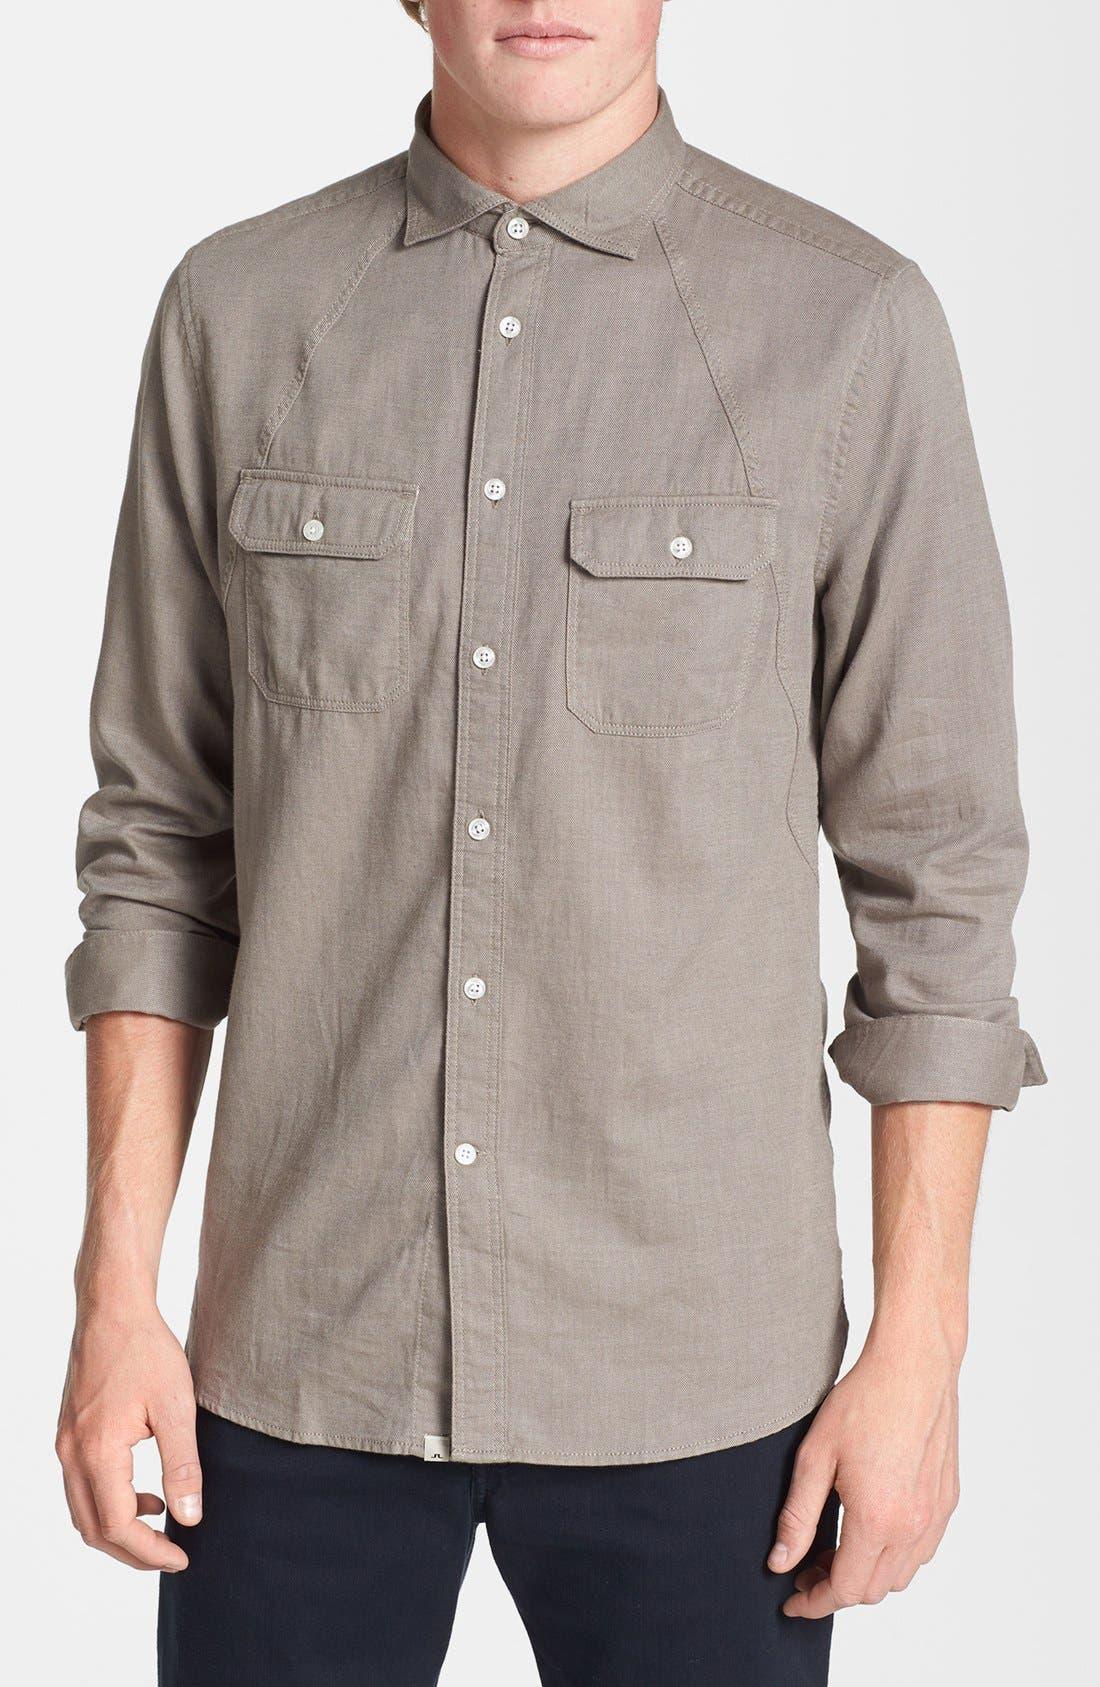 Alternate Image 1 Selected - J. Lindeberg 'Ward' Sport Shirt